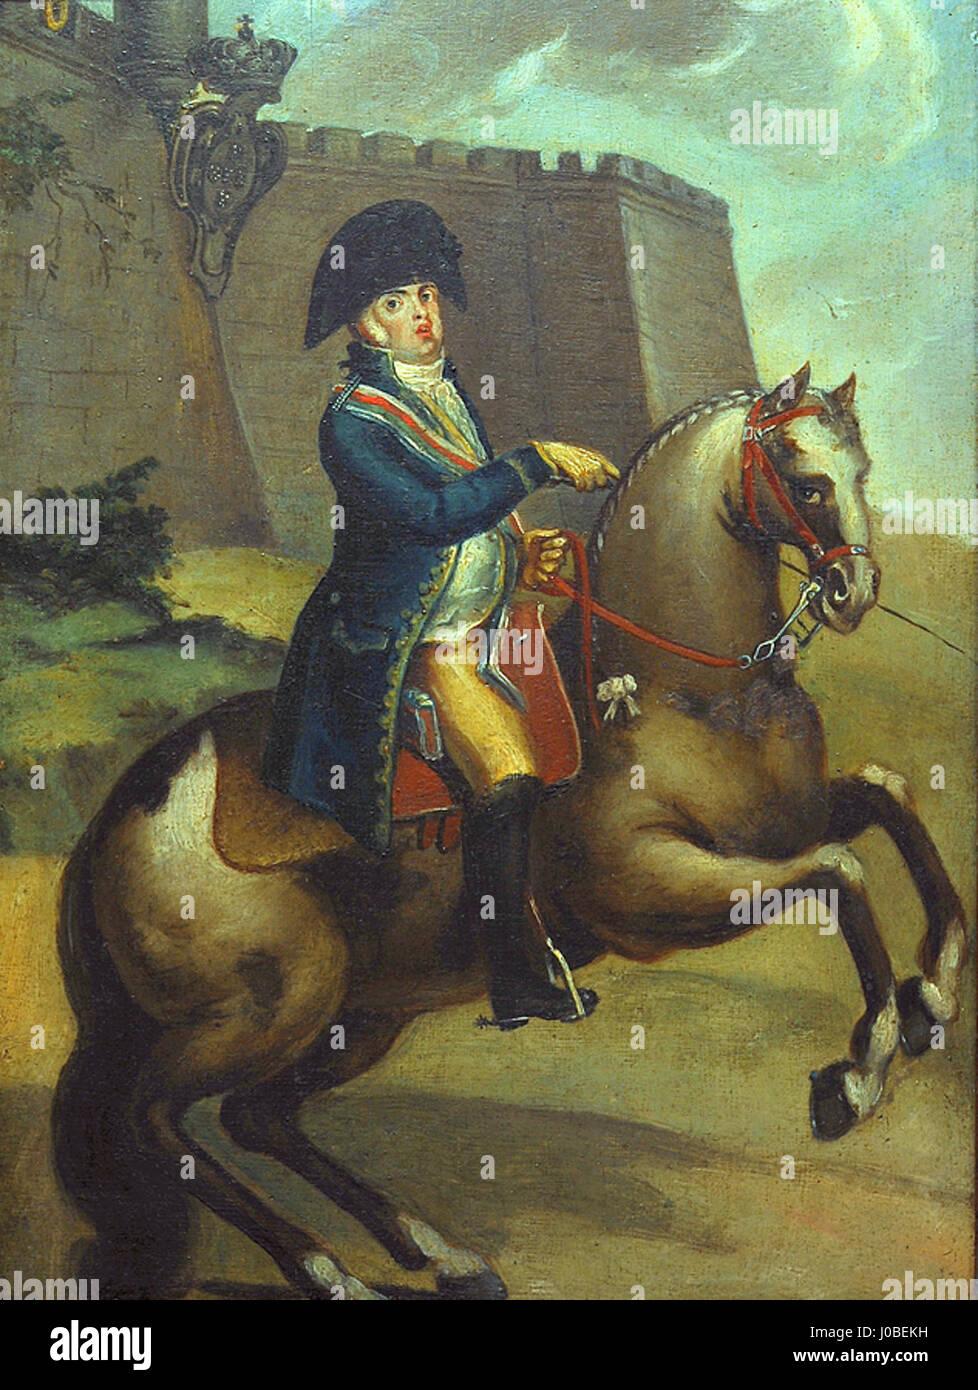 João Tomás da Fonseca - Retrato Equestre do Príncipe-Regente D. João Foto de stock